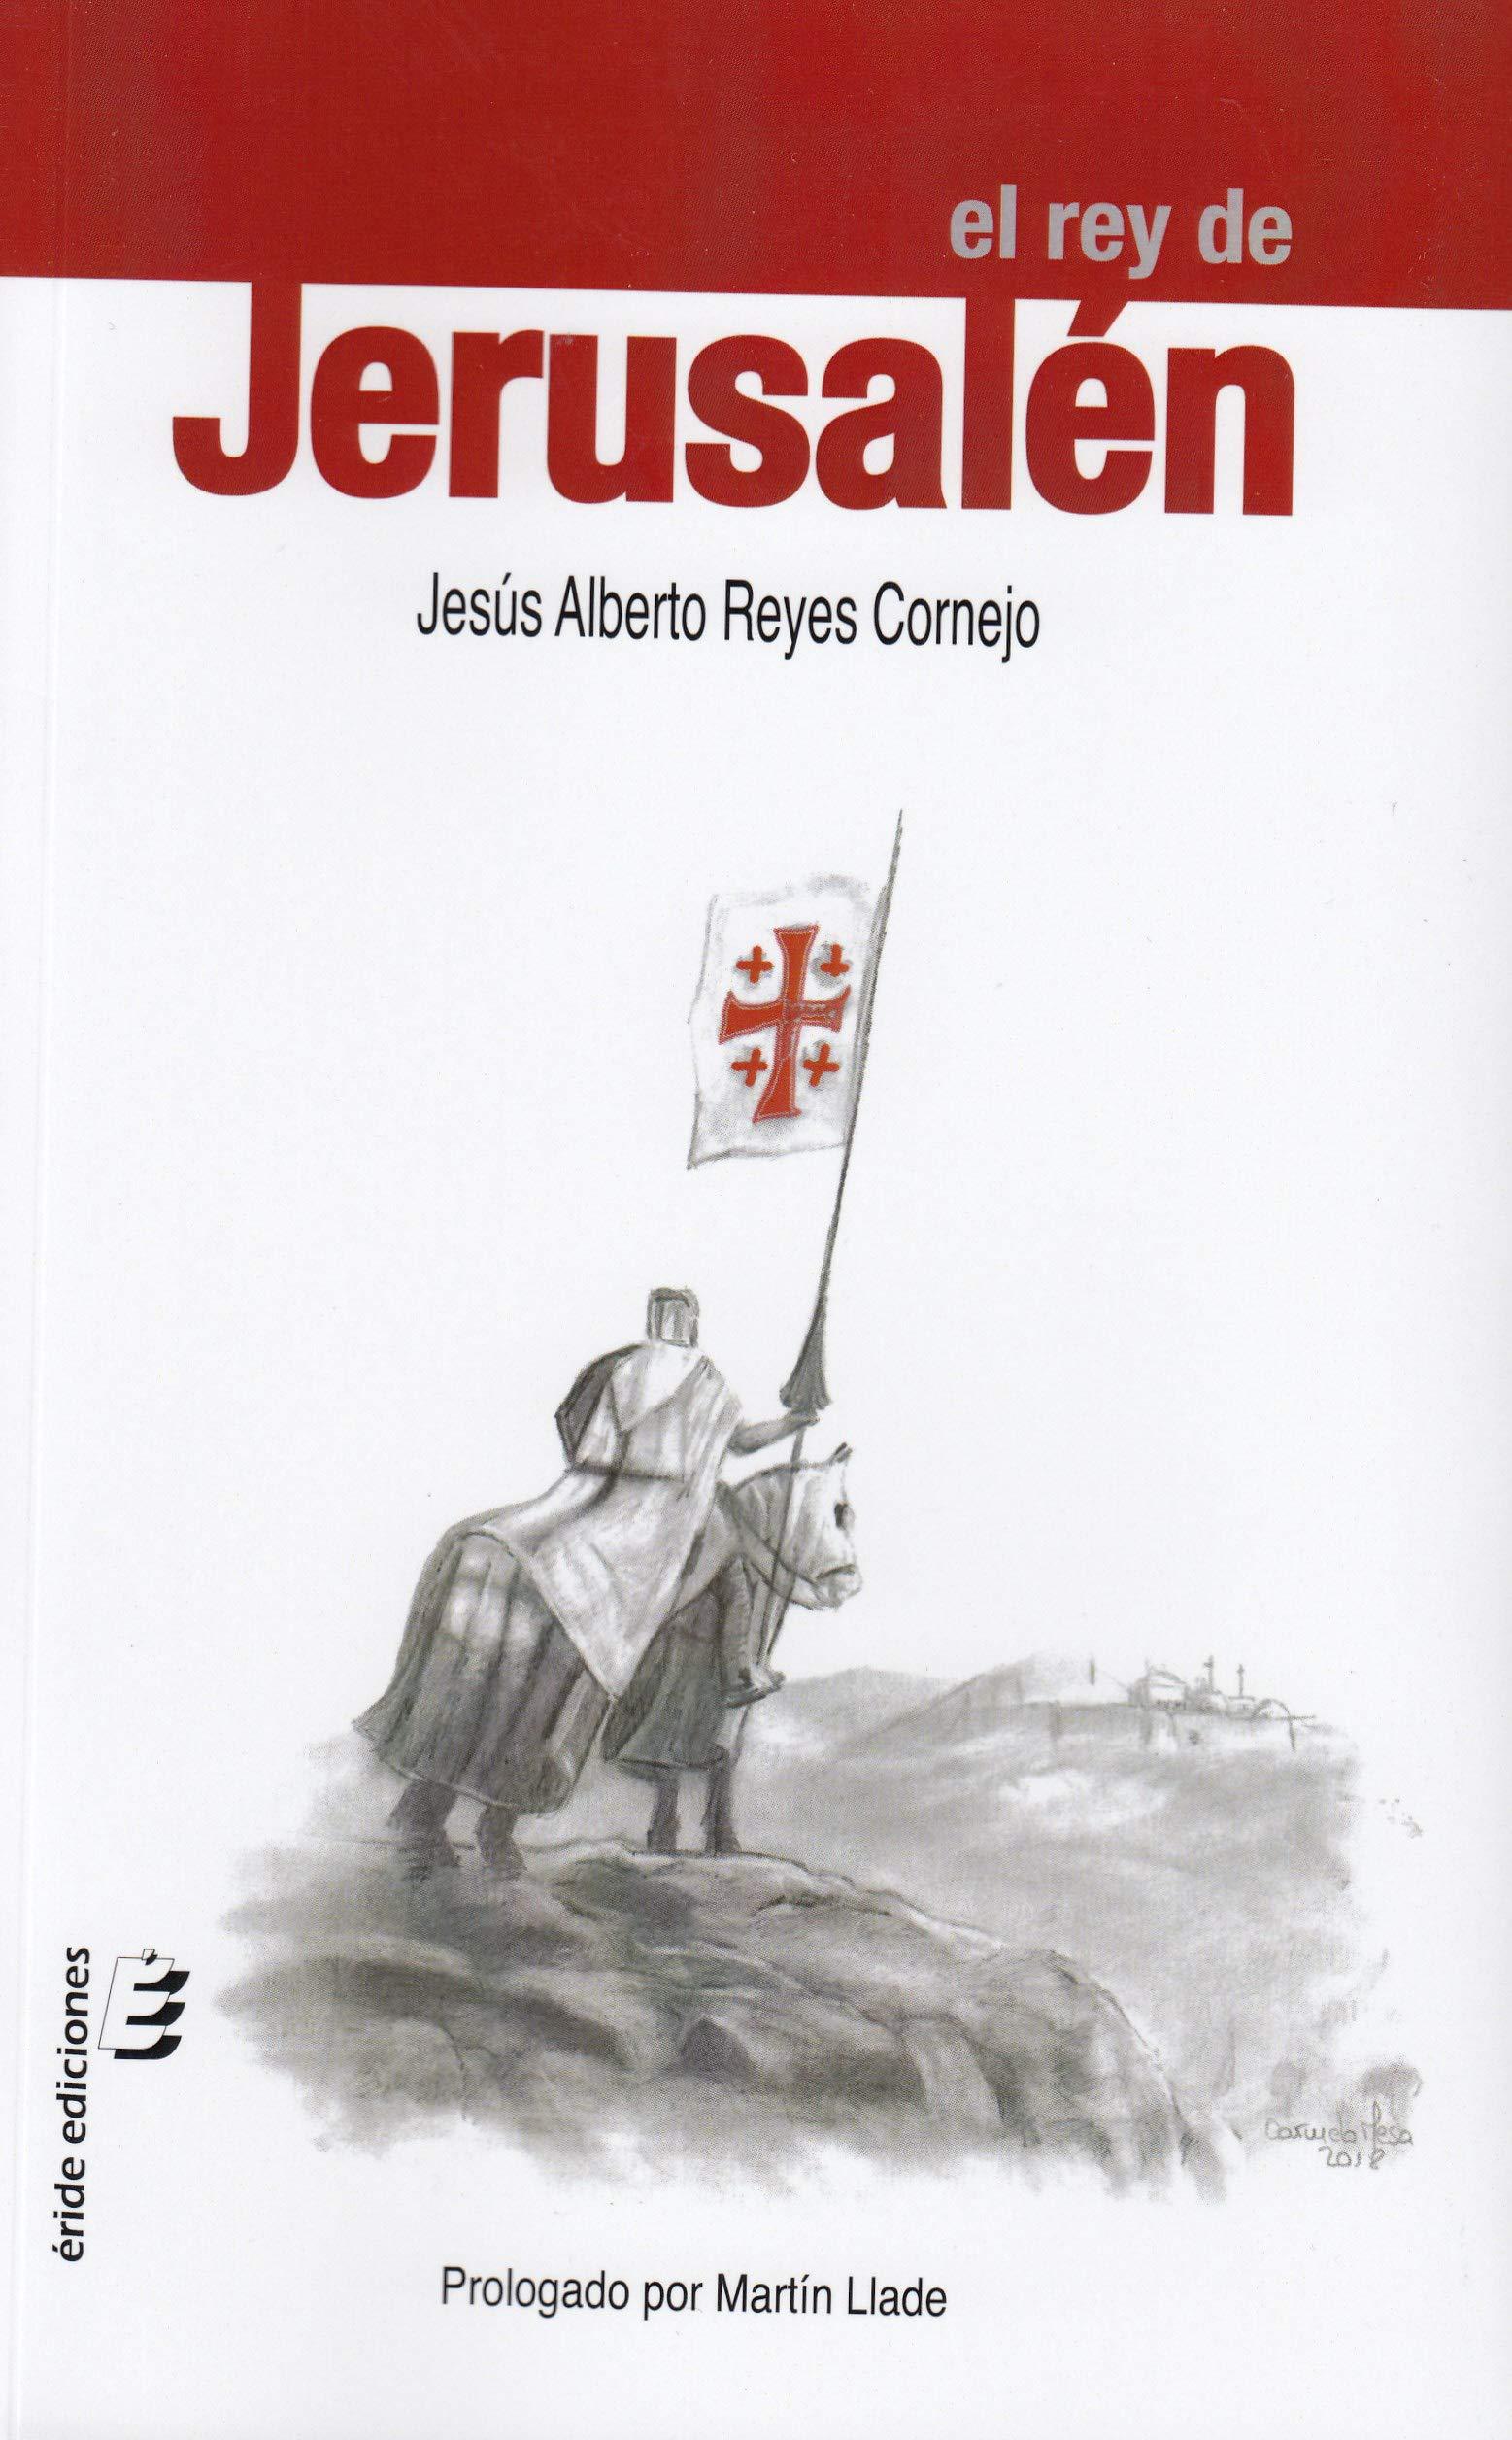 El rey de Jerusalén: Amazon.es: Reyes Cornejo, Jesús Alberto, Mesa Rodríguez, Carmelo: Libros